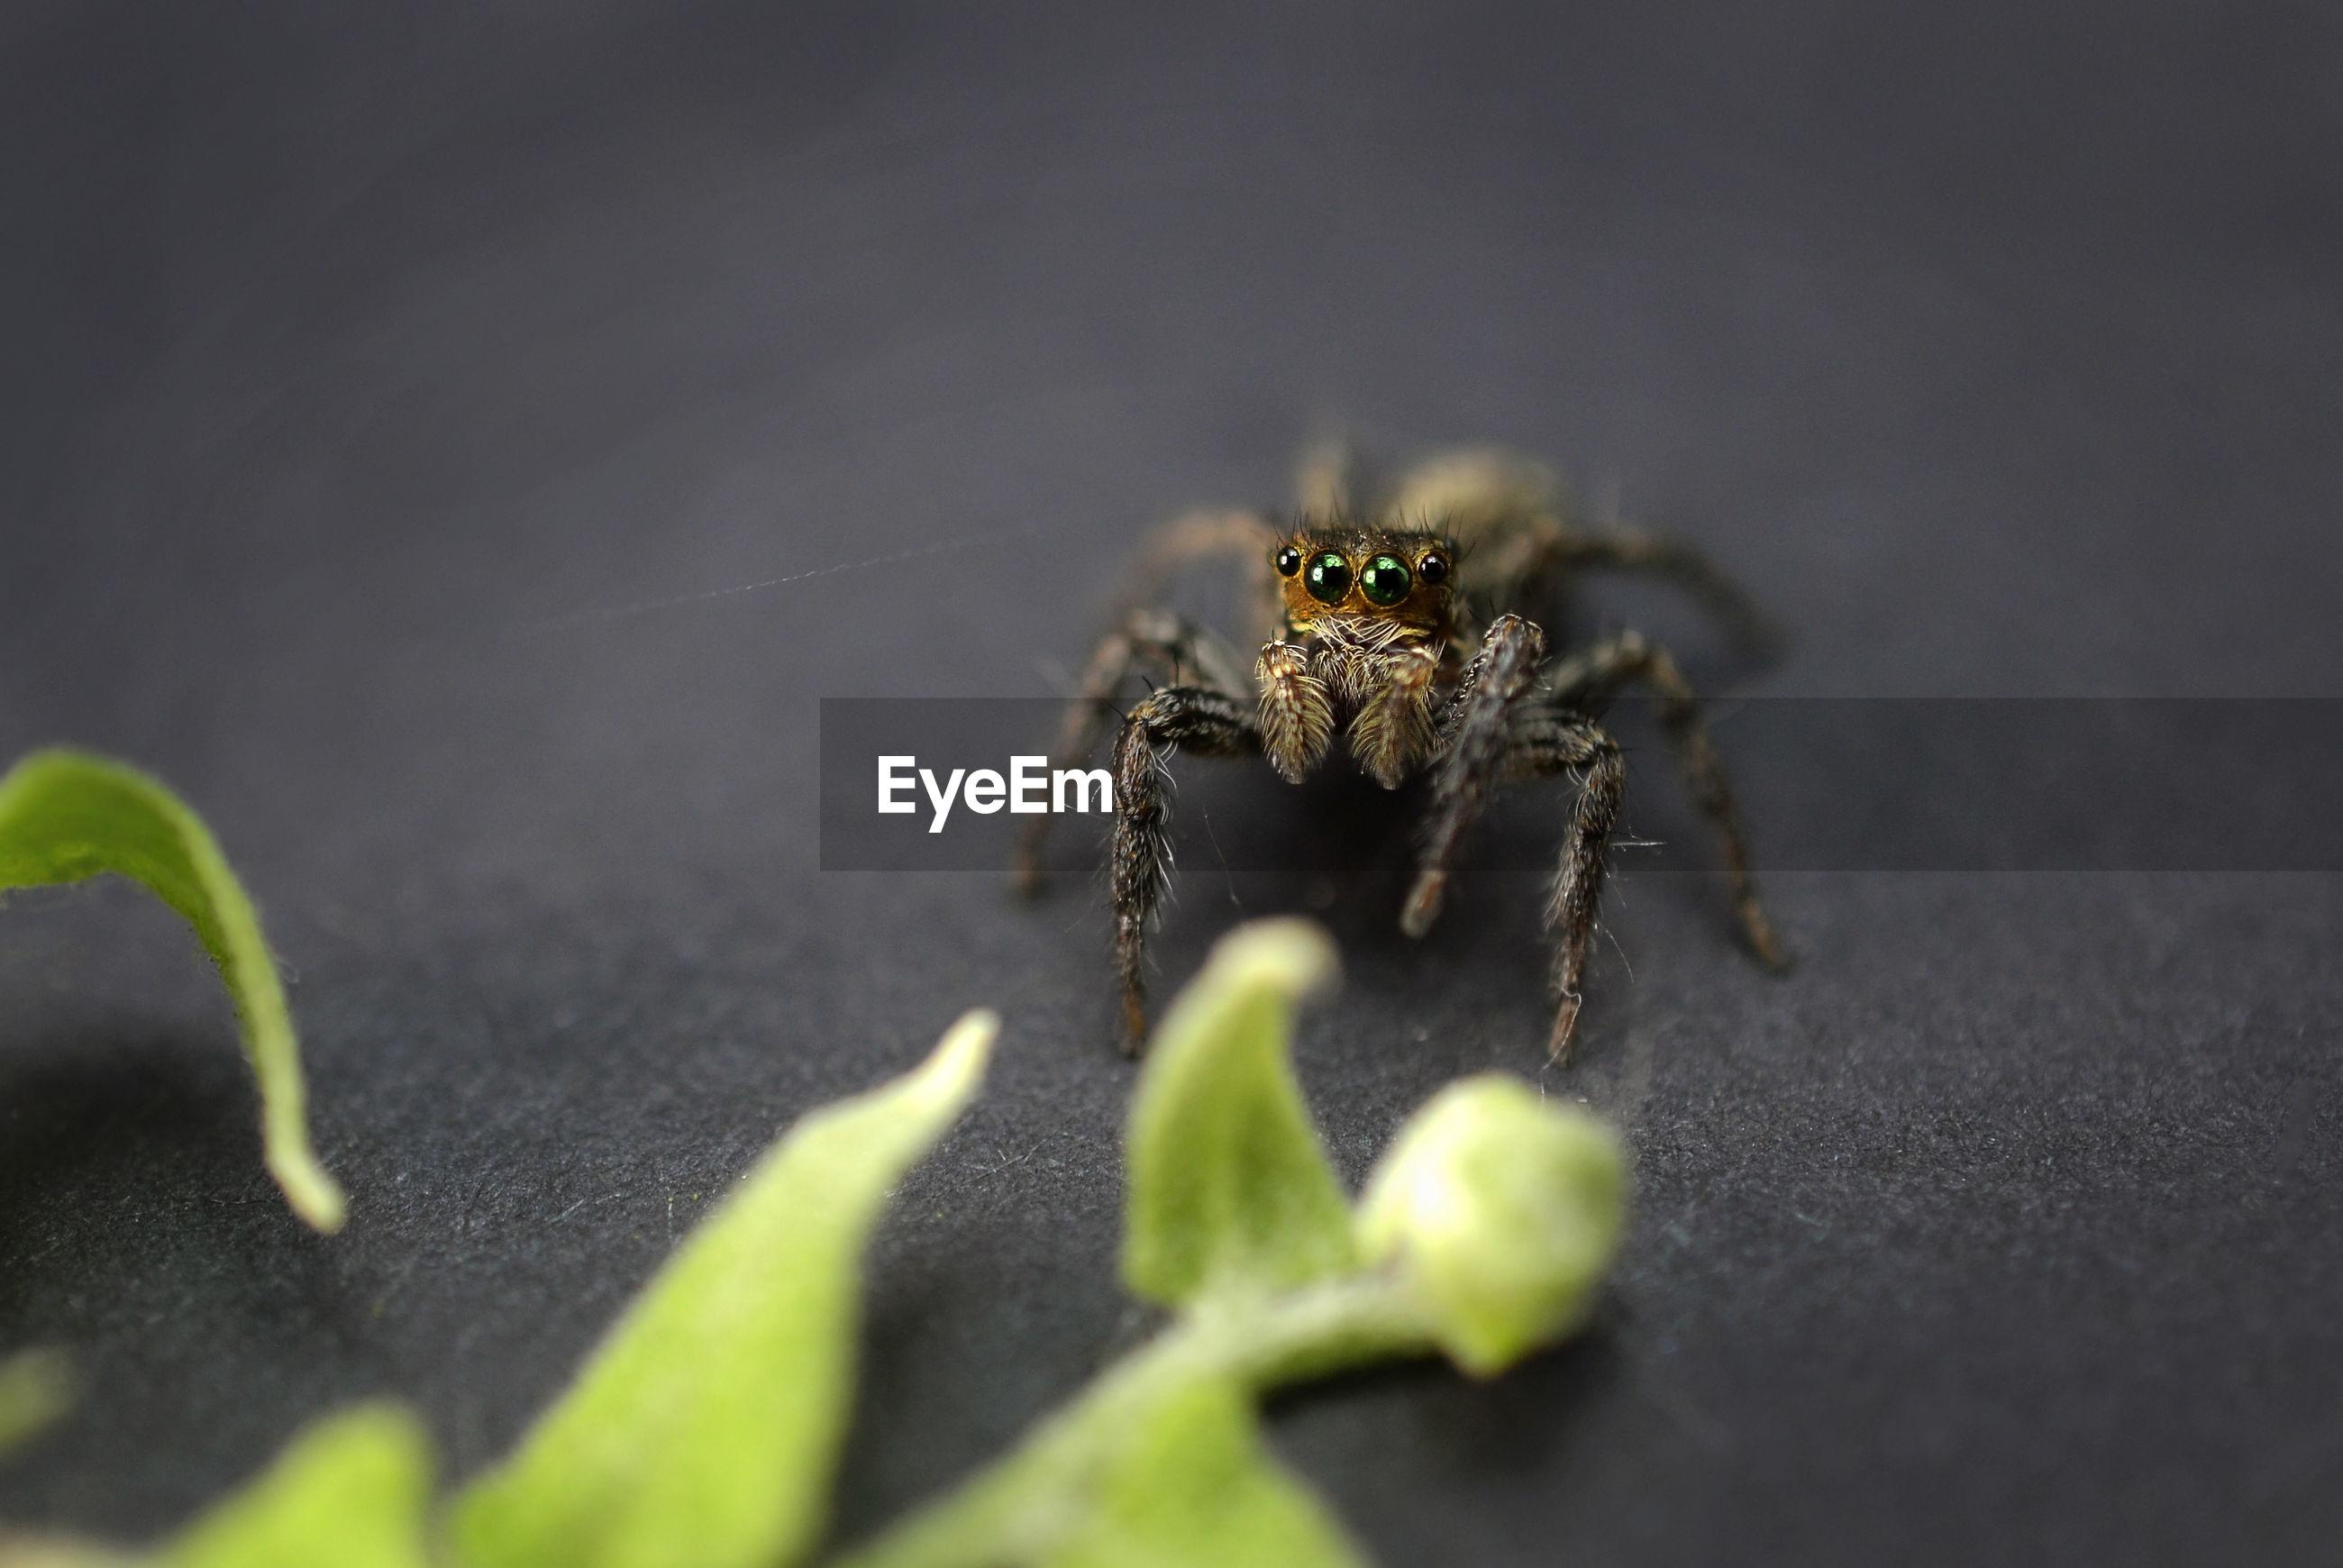 Jumper spider on black background